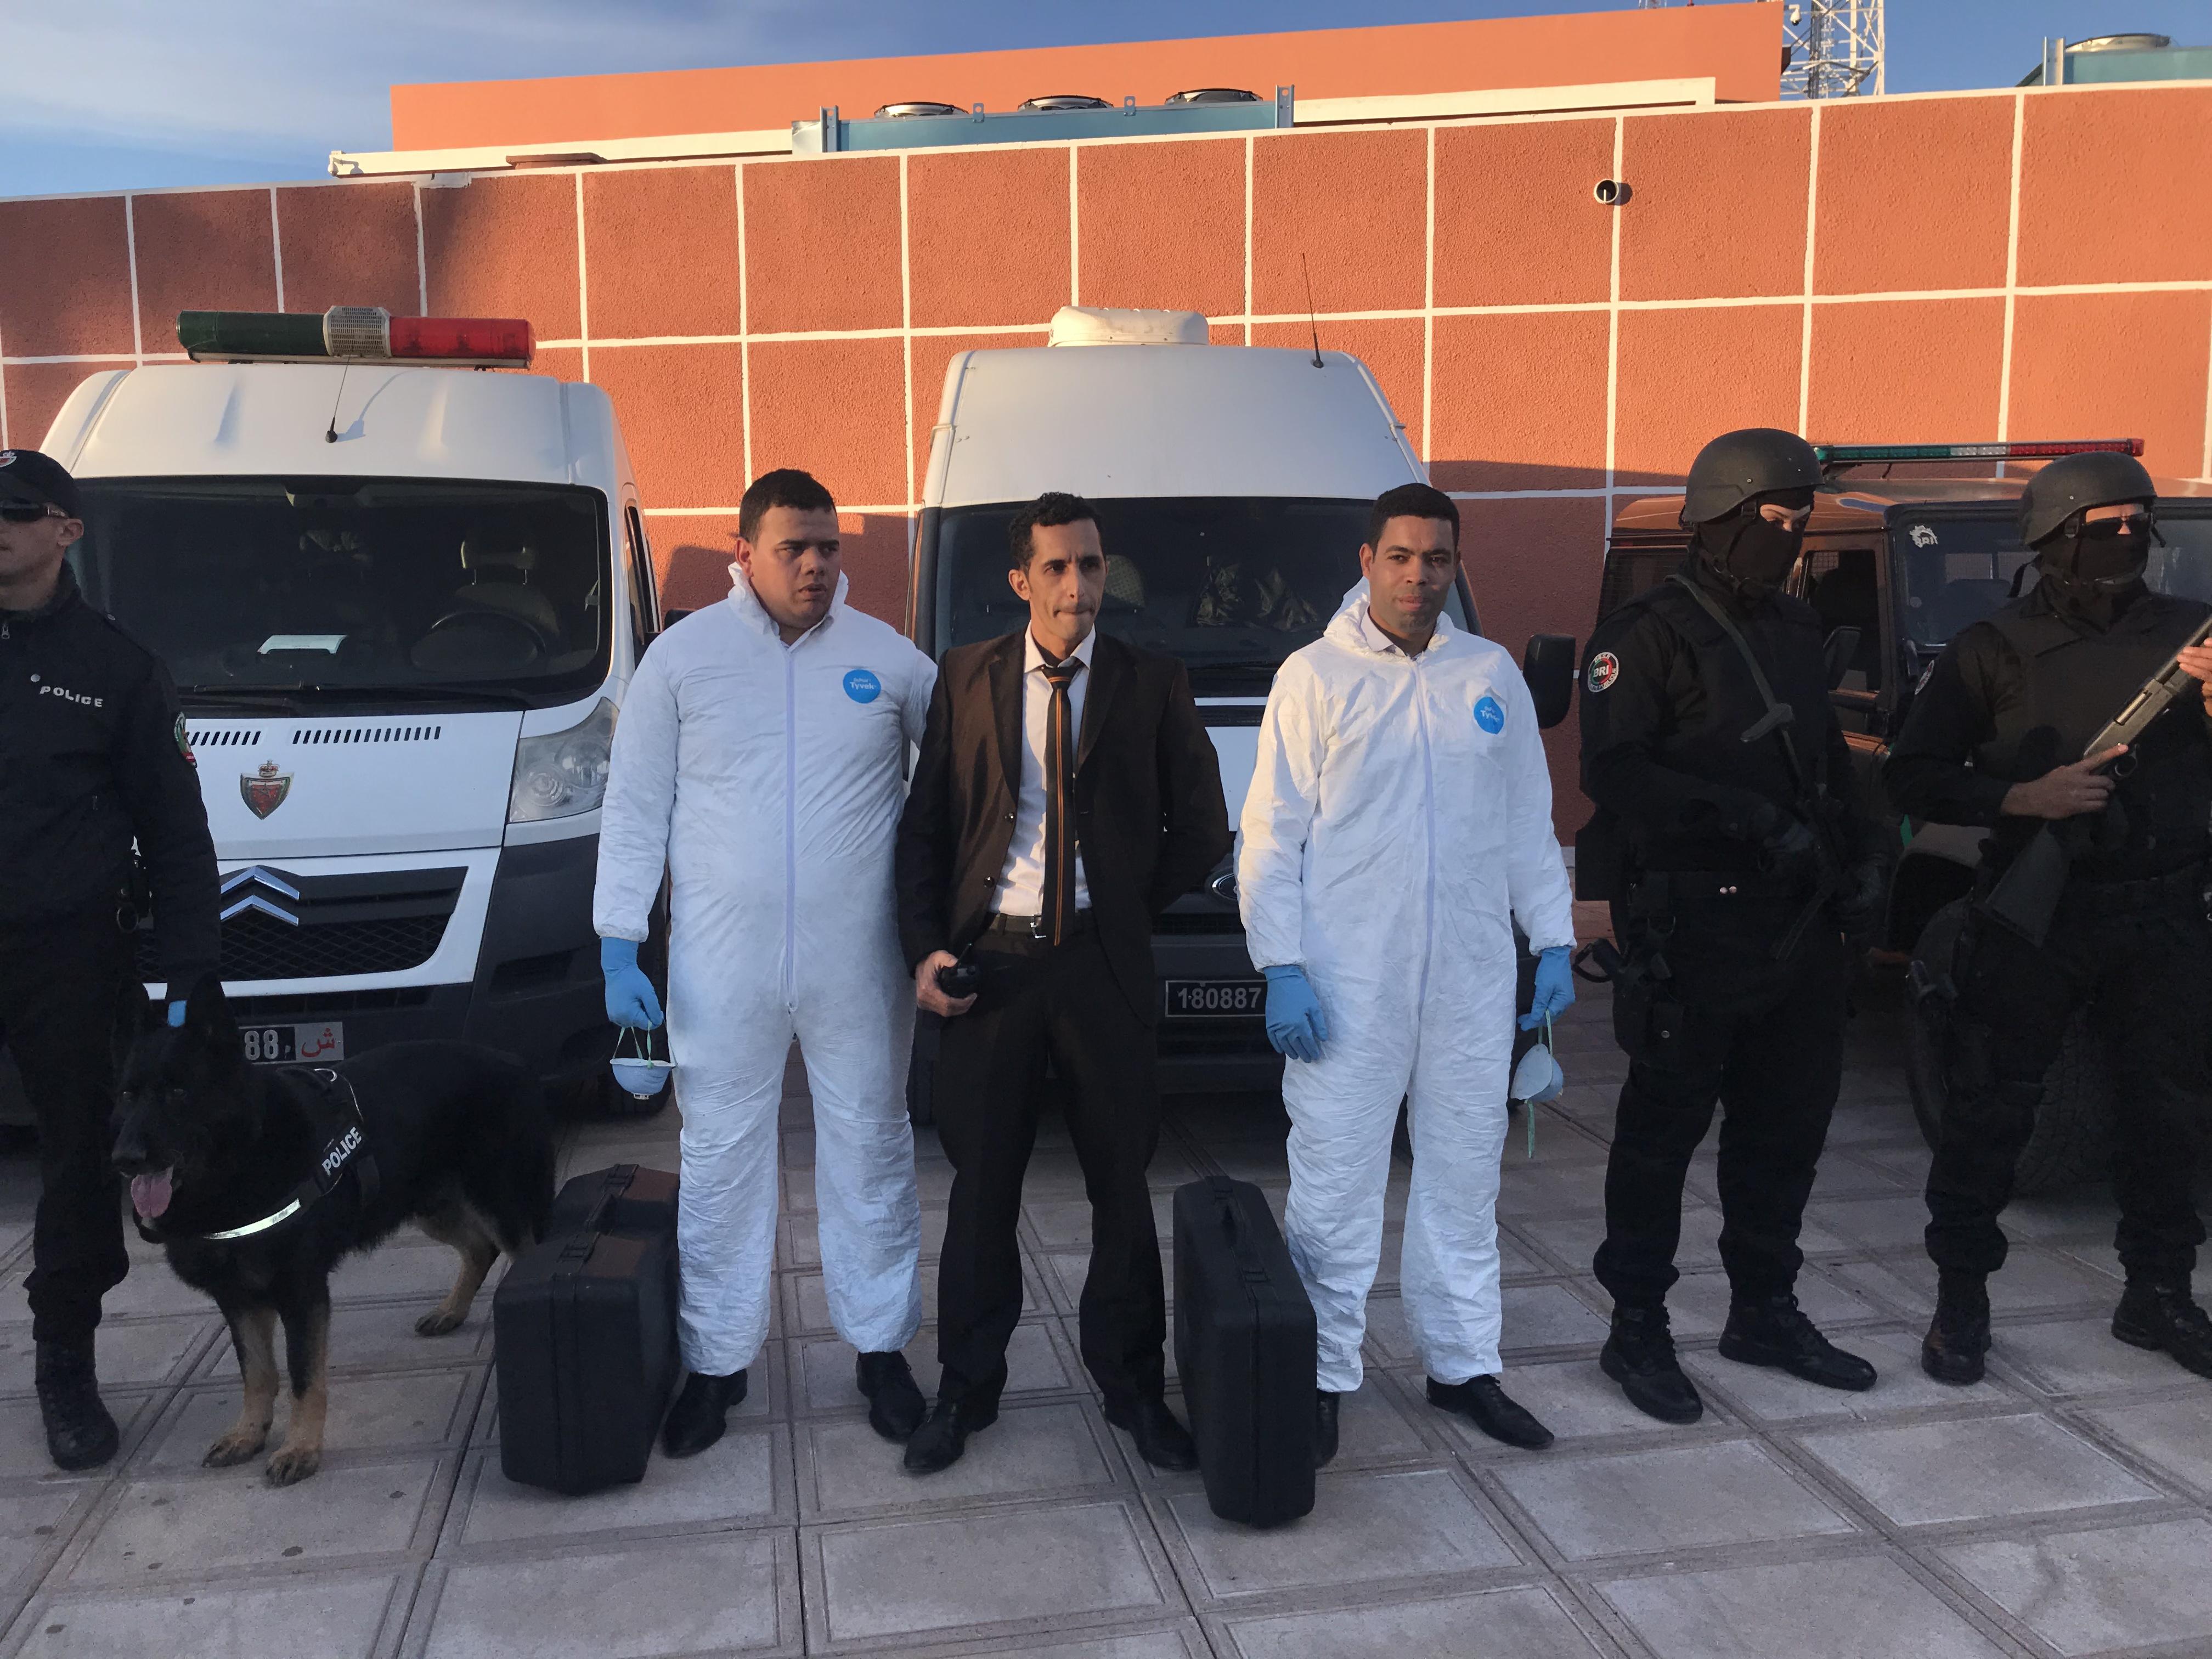 Moroccan Special Forces/Forces spéciales marocaines  :Videos et Photos : BCIJ, Gendarmerie Royale ,  - Page 12 4DCFE34F-D94D-4064-BC46-2CEA9D80725E